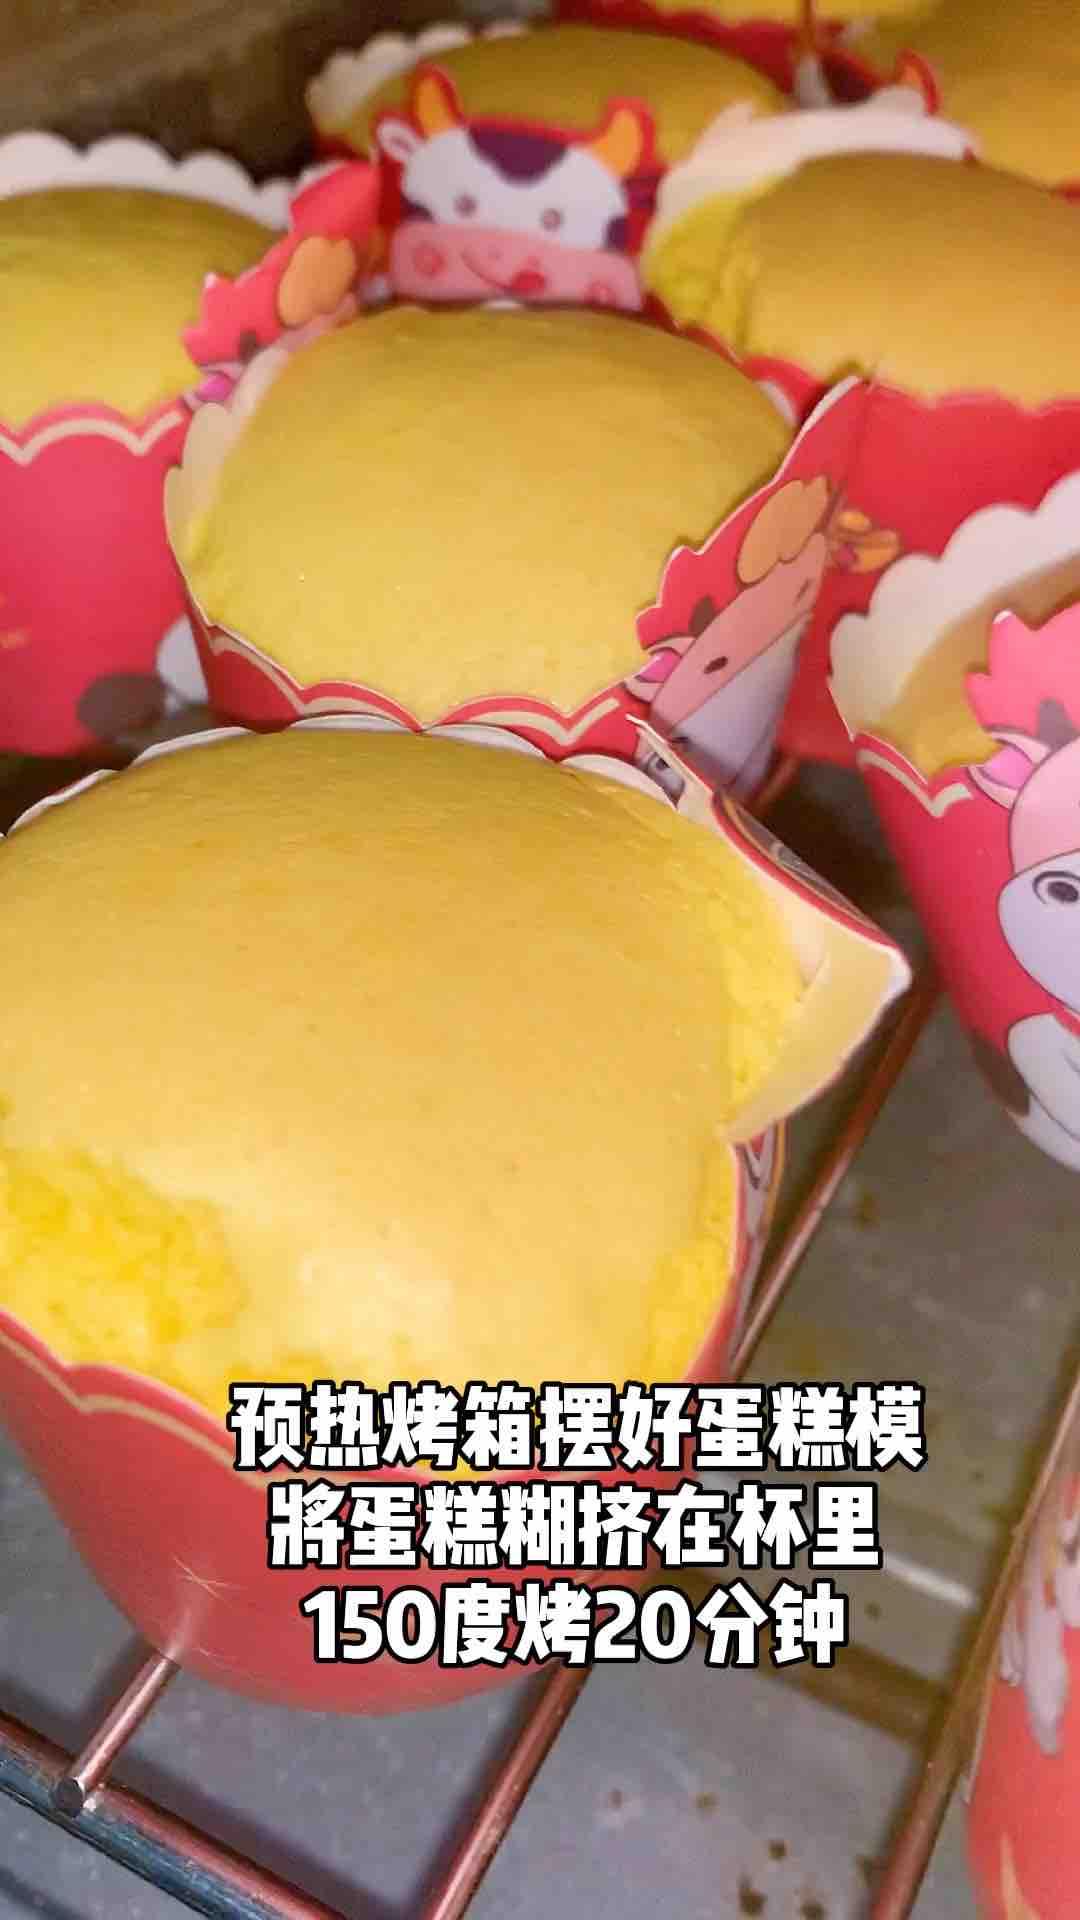 新春蛋糕杯祝大家新春快乐,了解一下无油少糖很健康怎么炖